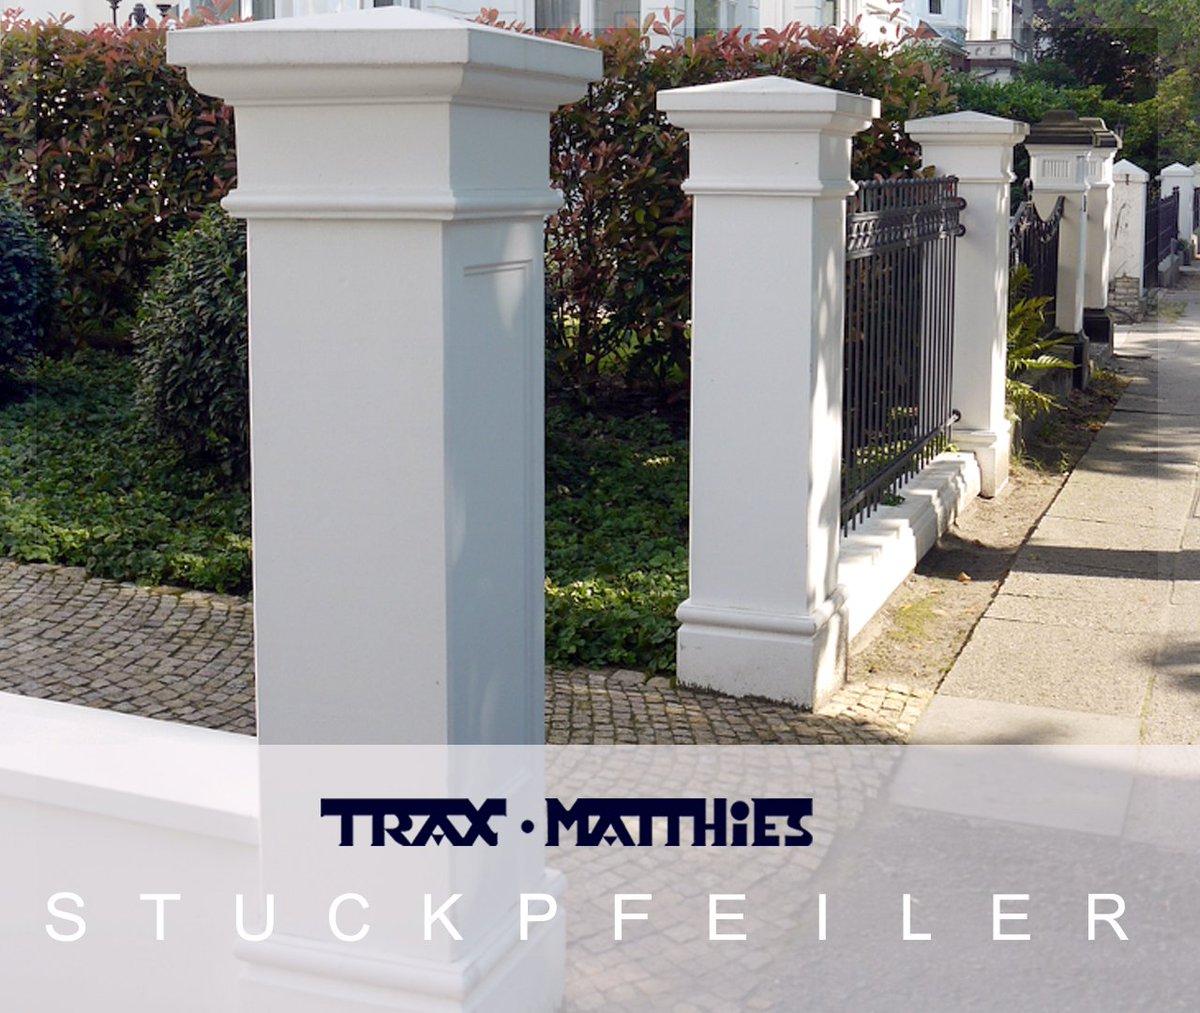 Trax Matthies No Twitter Stuckpfeiler Aus Beton Auf Https T